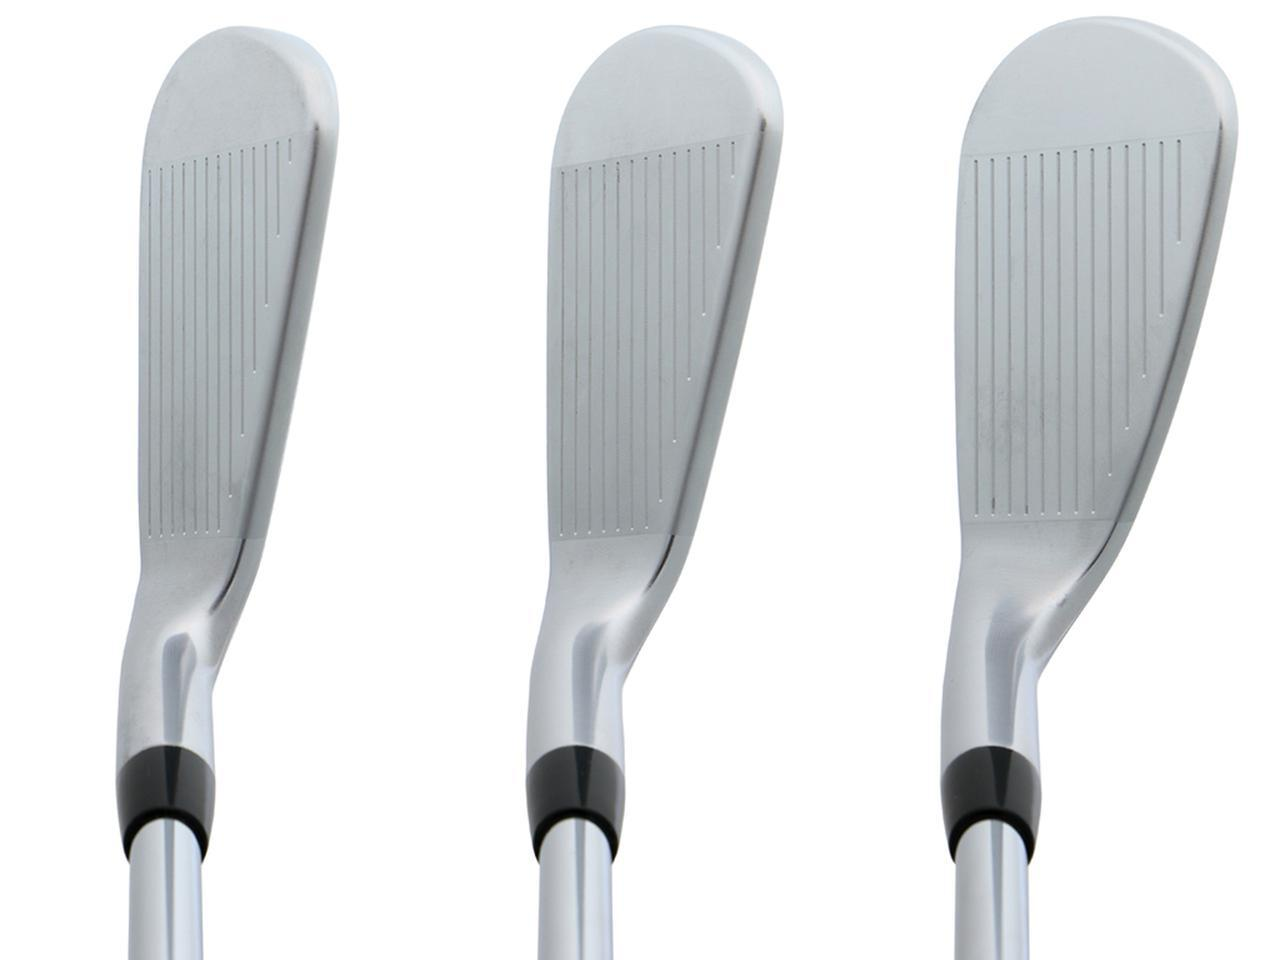 画像: トップラインが薄くシャープな顔つき。PGAツアーのジャスティン・トーマスも愛用(左から#5・26度、#7・33度、#9・41度)